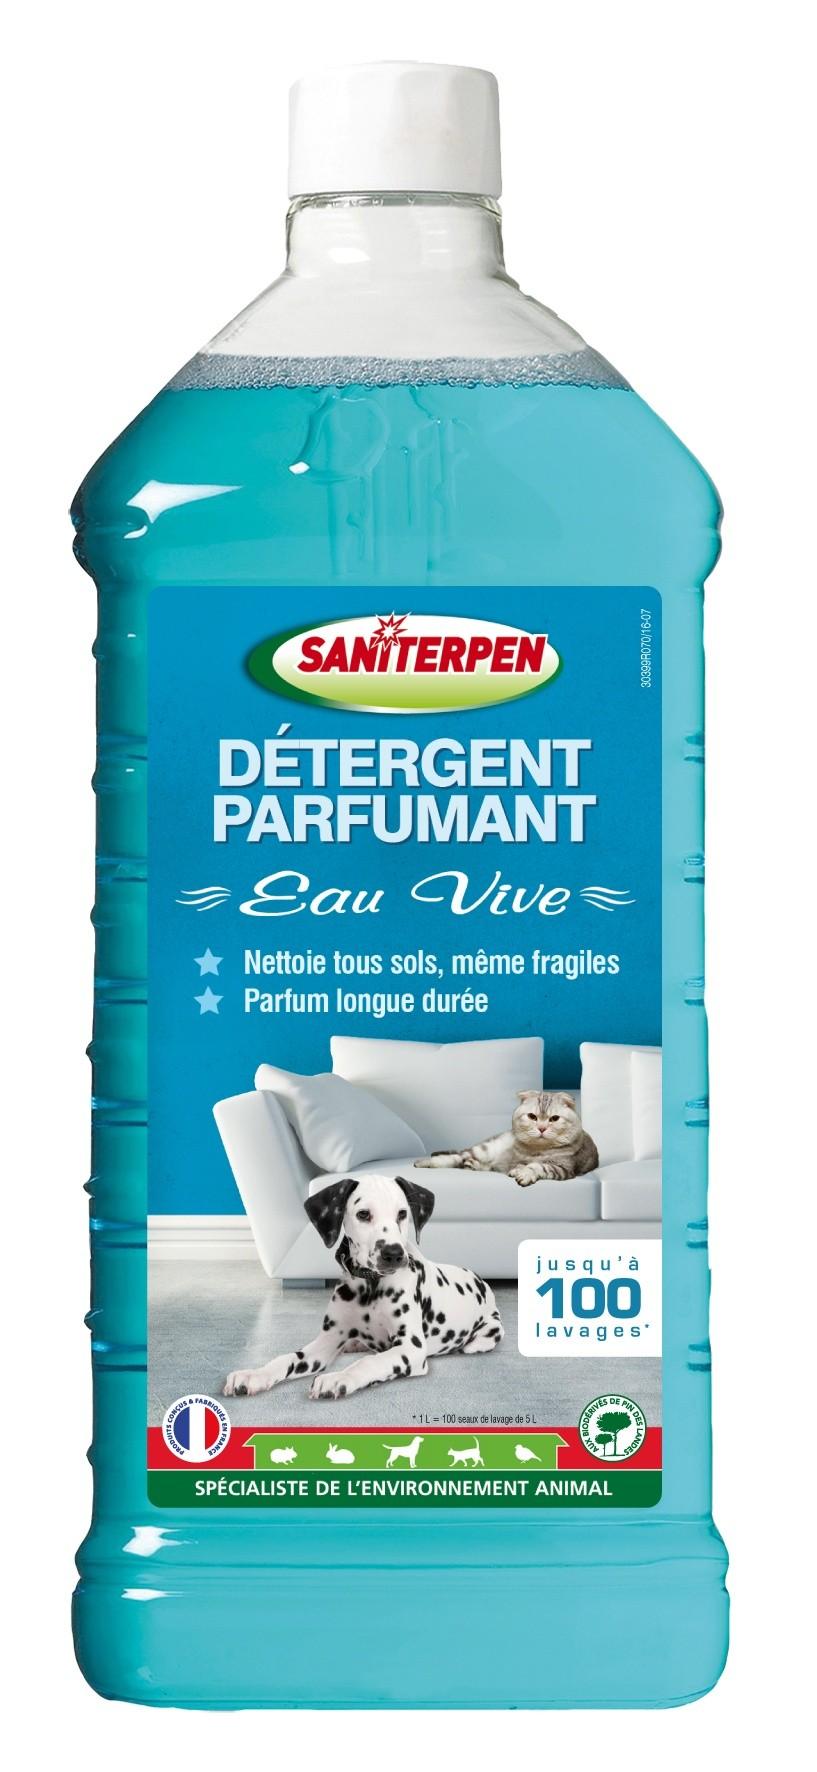 Saniterpen Détergent Parfumant Eau Vive 1L